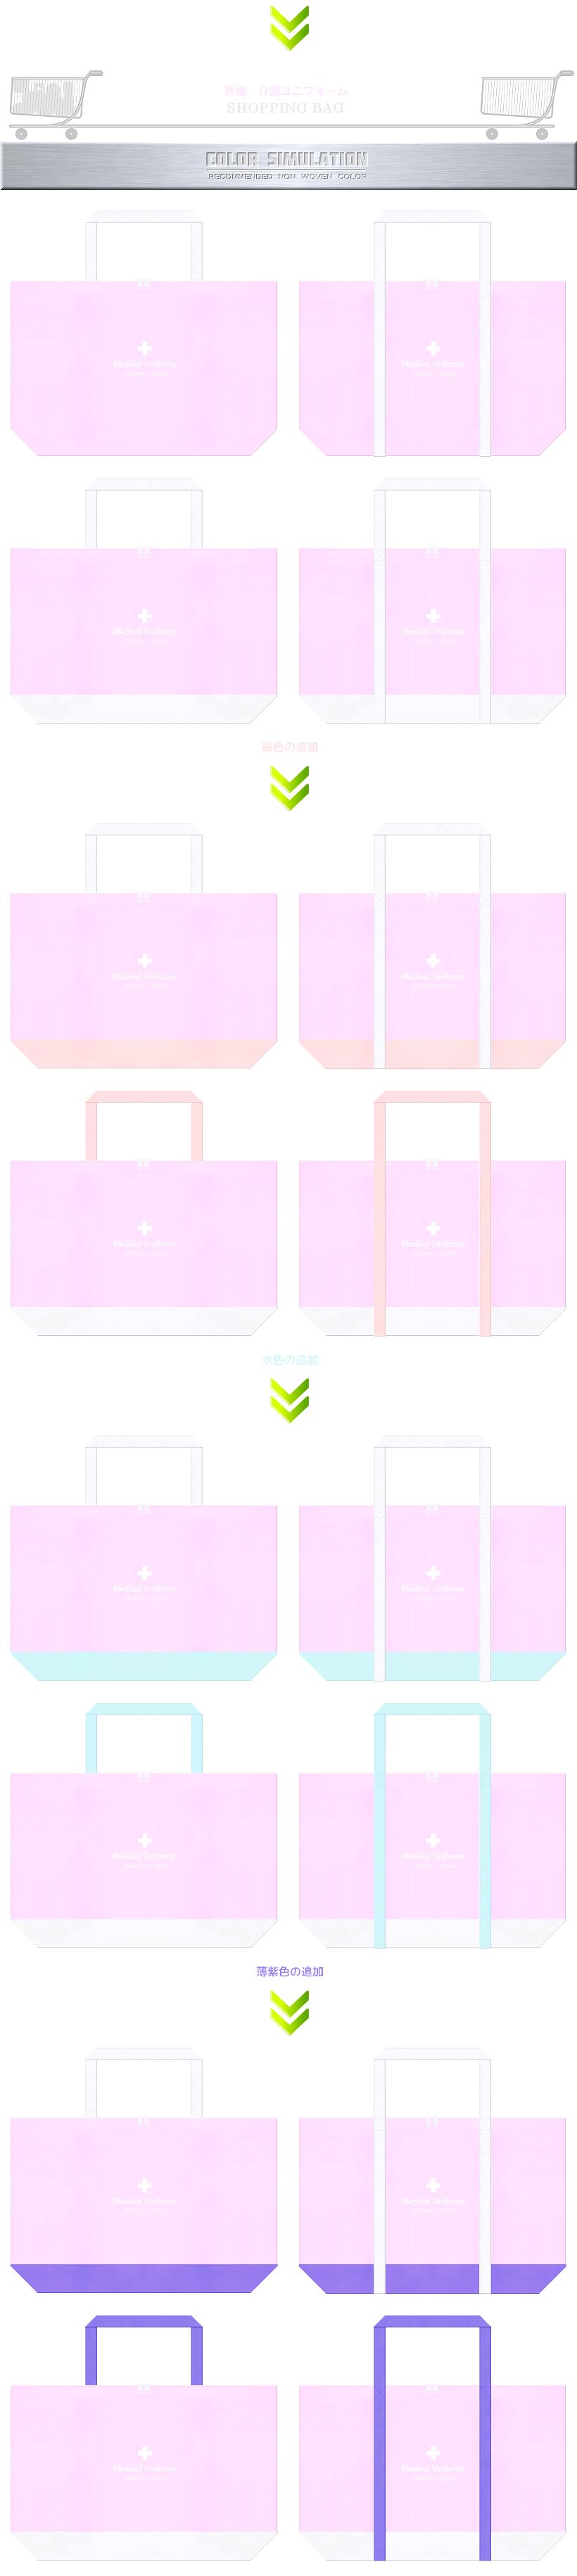 パステルピンク色と白色をメインに使用した、ビジネスデザインの不織布ショッピングバッグのカラーシミュレーション:医療ユニフォーム・介護ユニフォームのショッピングバッグにお奨めです。